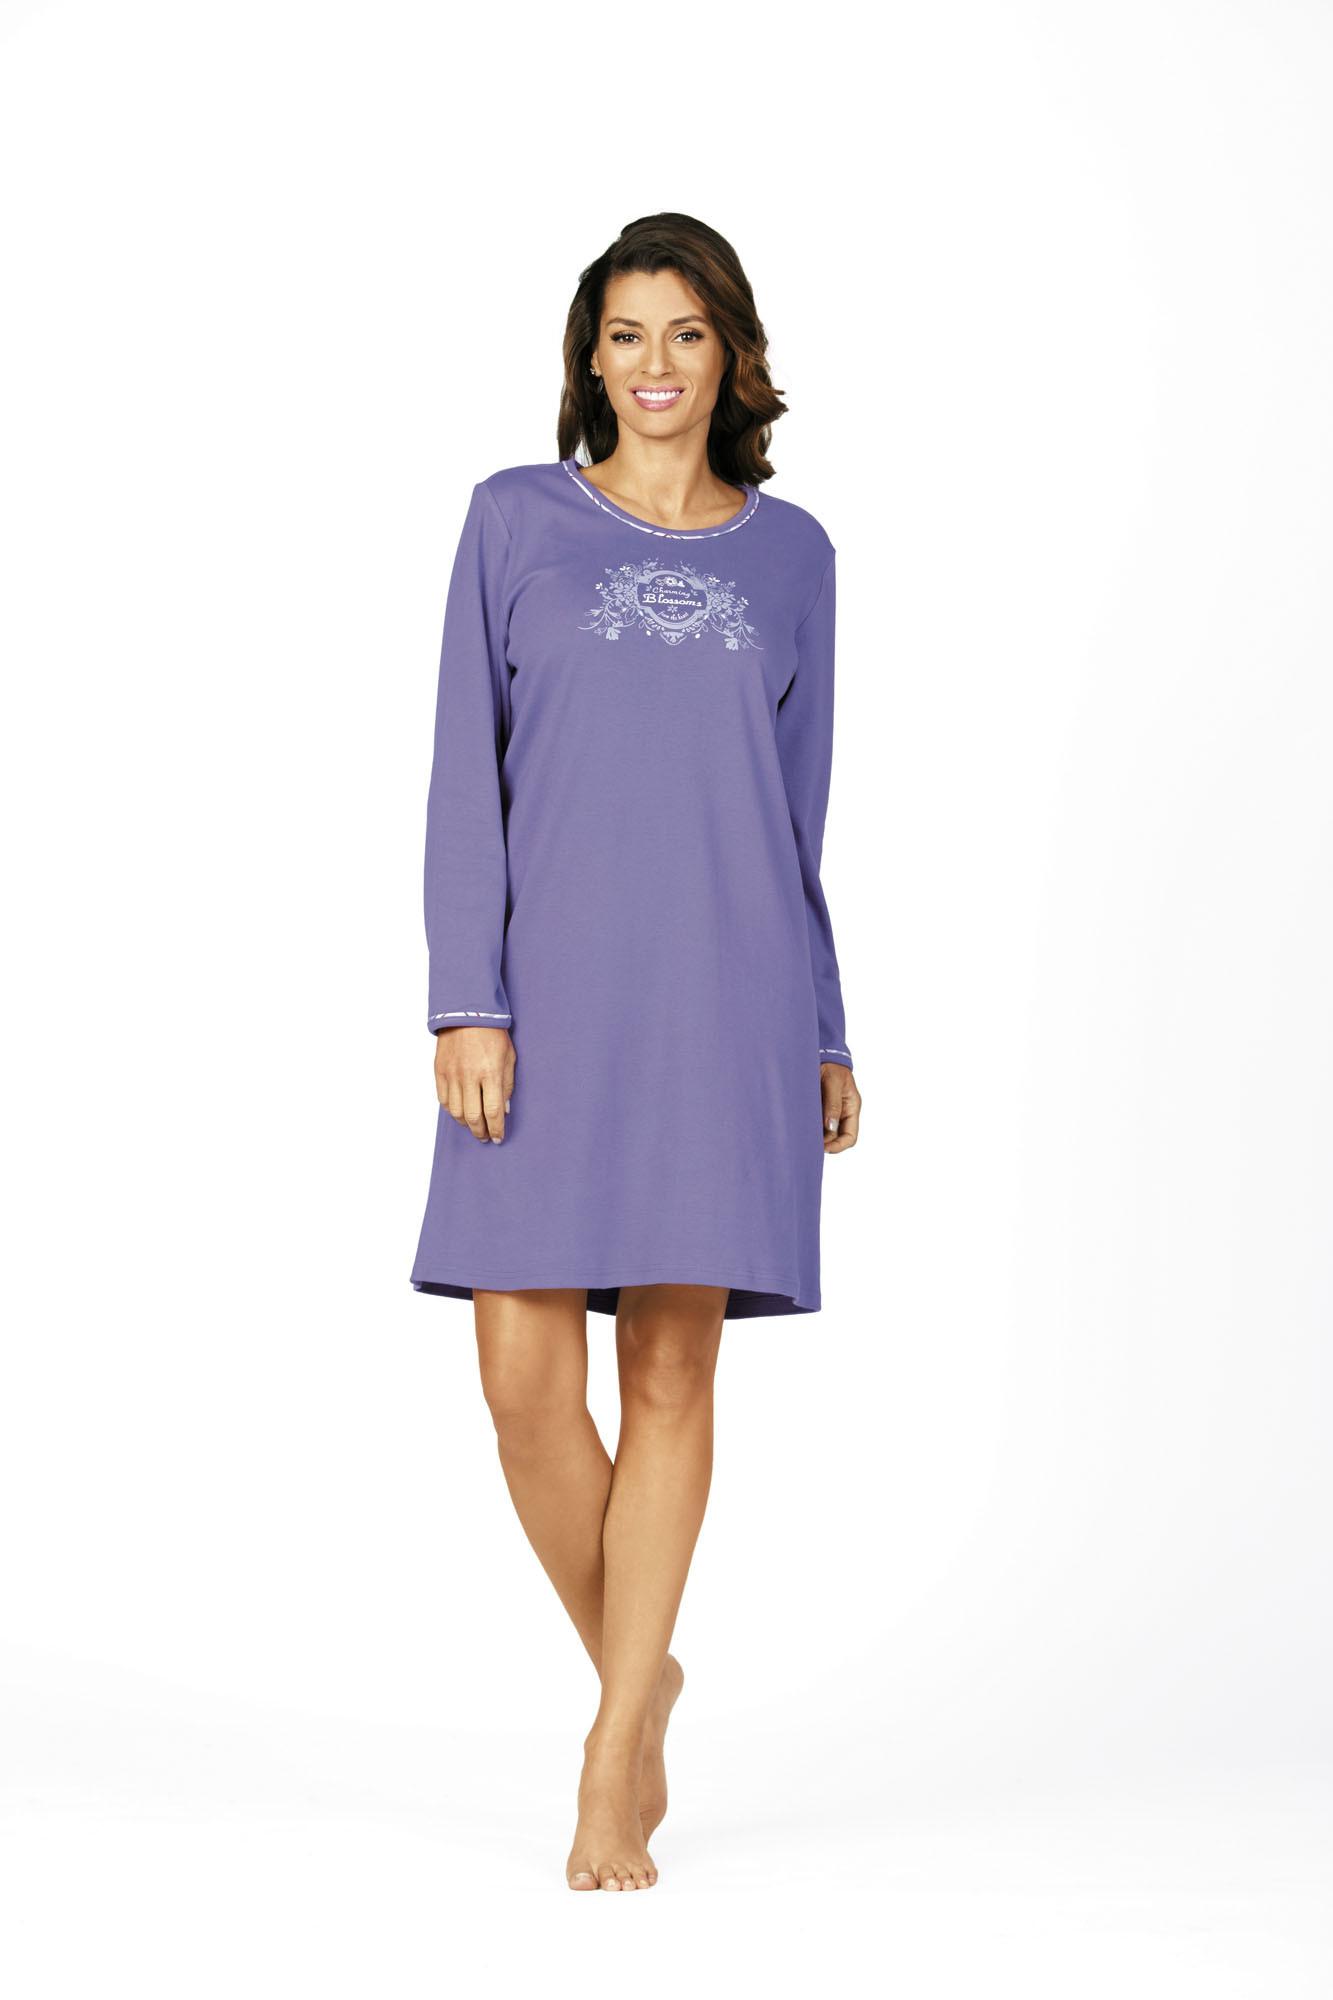 Comtessa Damen Nachthemd Schlafshirt in violett 36 38 40 42 44 46 48 50 52 54